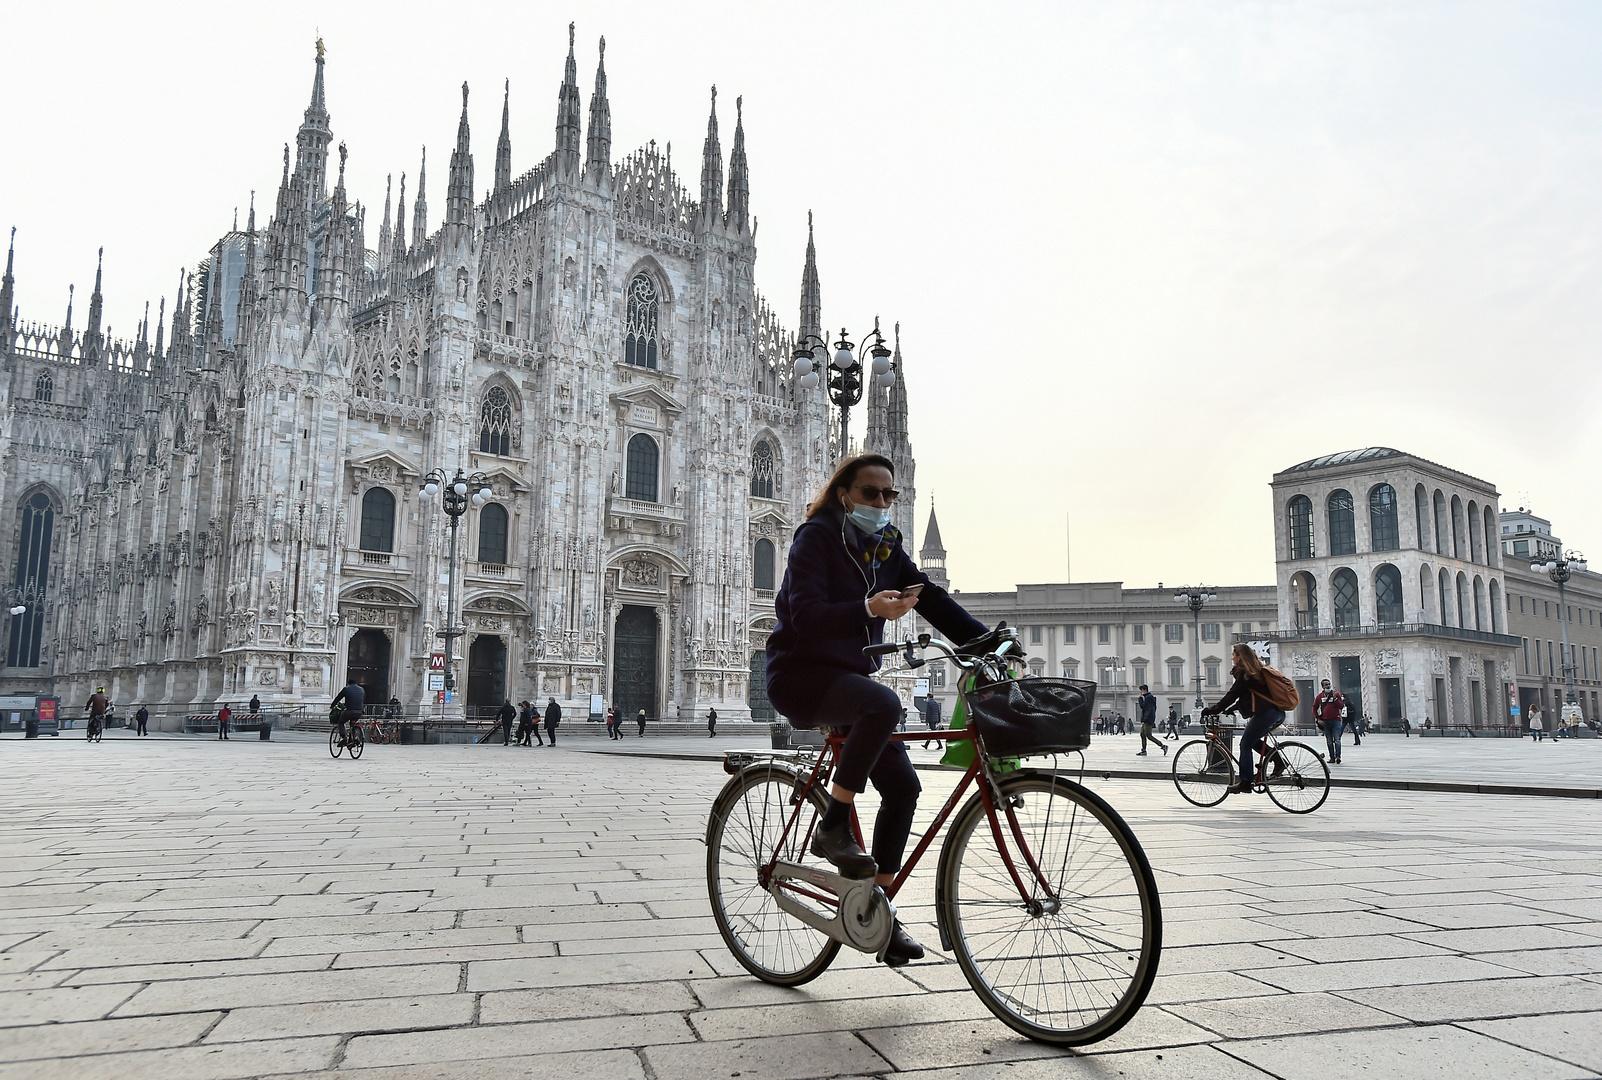 مدينة ميلانو الإيطالية في زمن جائحة فيروس كورونا.